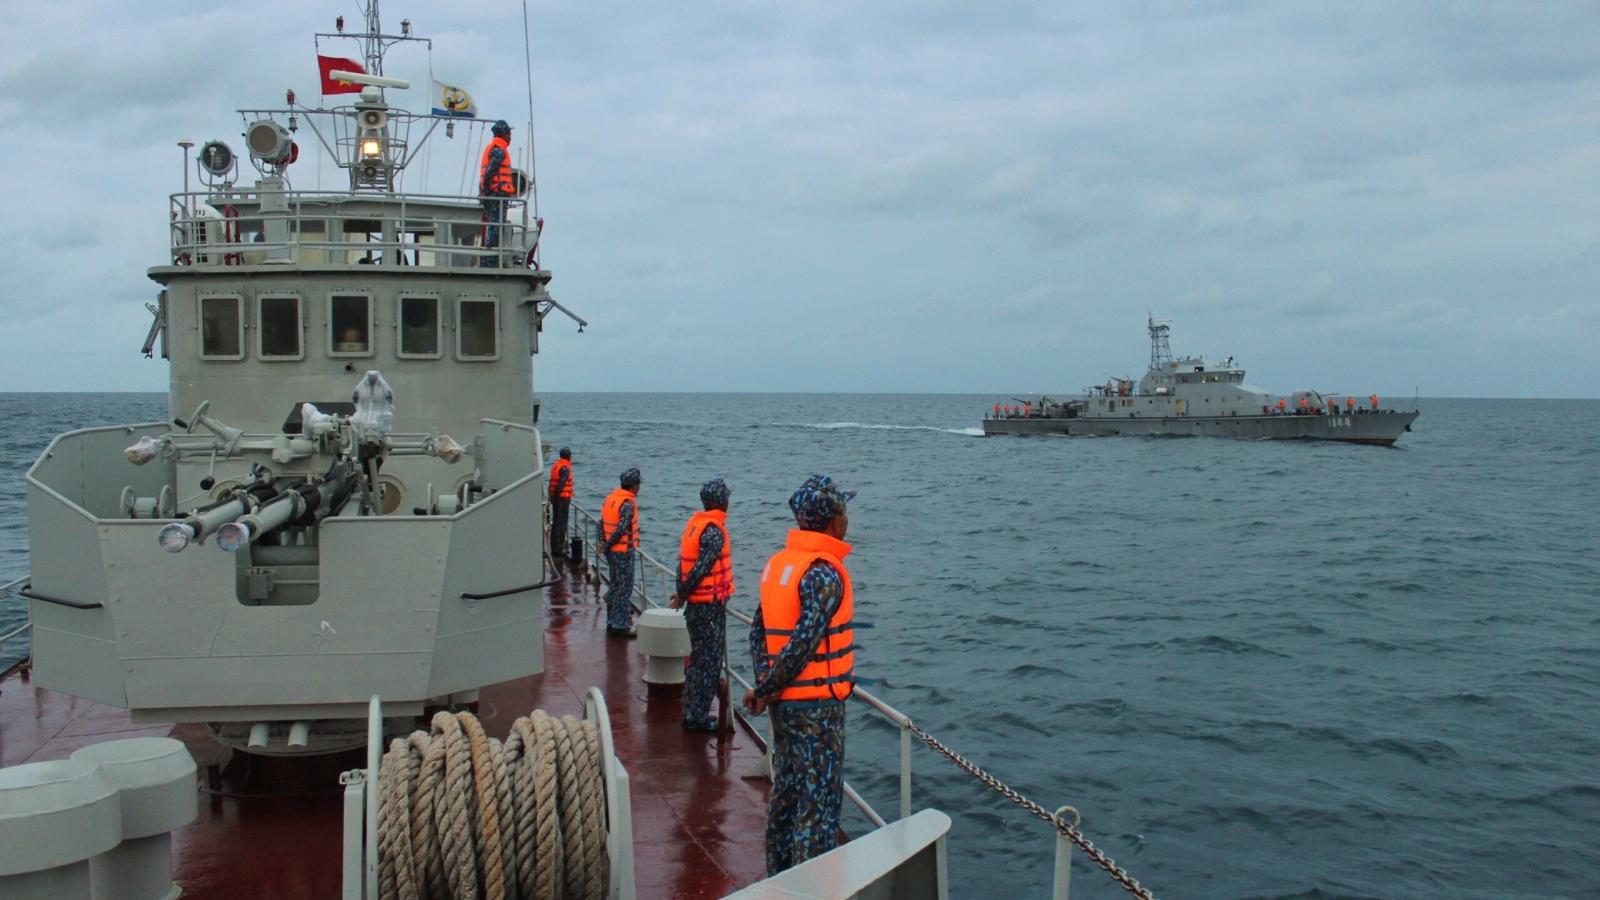 Hải quân Việt Nam và Hải quân Hoàng gia Campuchia tuần tra chung lần thứ 62